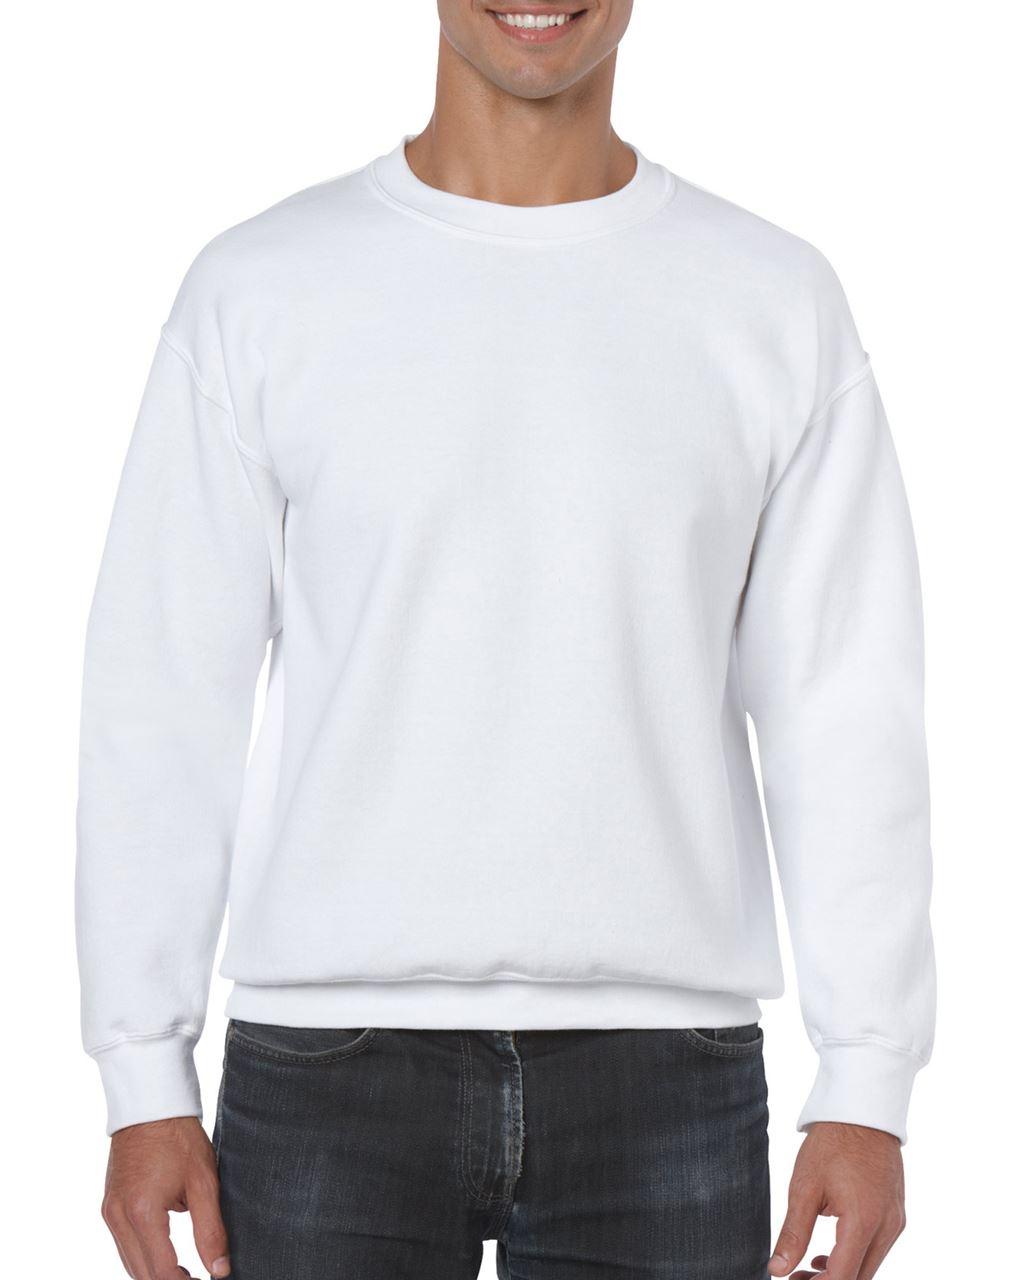 Gildan GI18000 férfi kereknyakú pamut pulóver - Fehér 3c9314ef9a